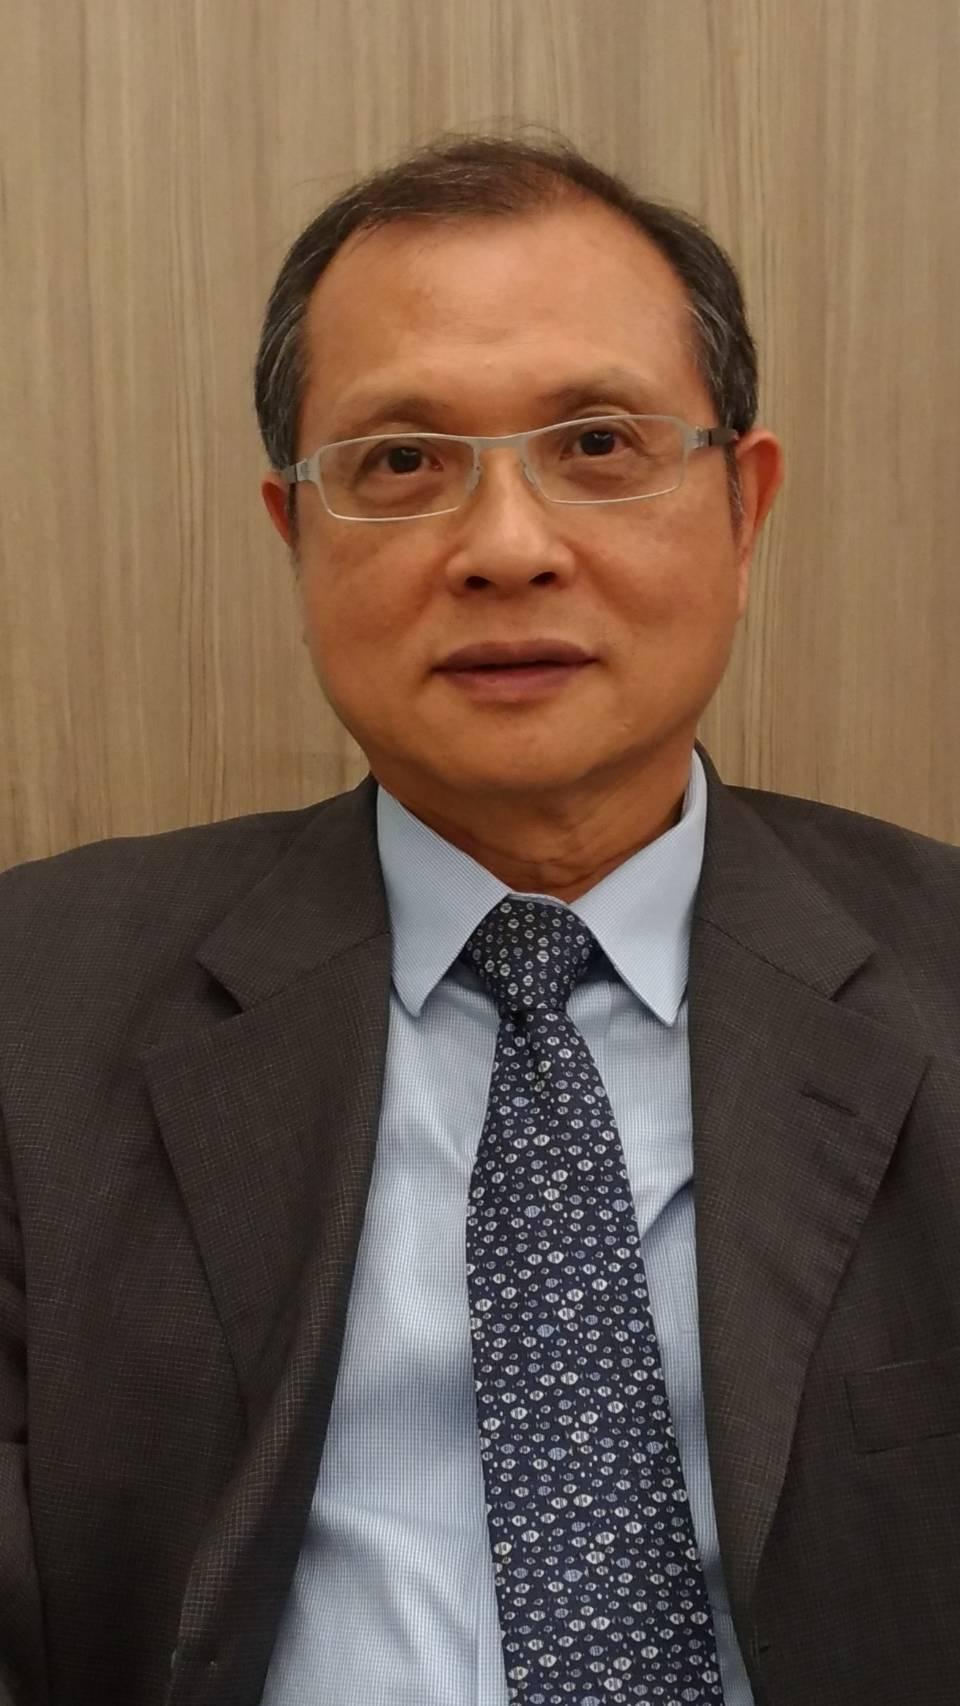 東捷資訊董事長高尚偉協助經銷商走向數位化管理,提高競爭力。記者張義宮/攝影